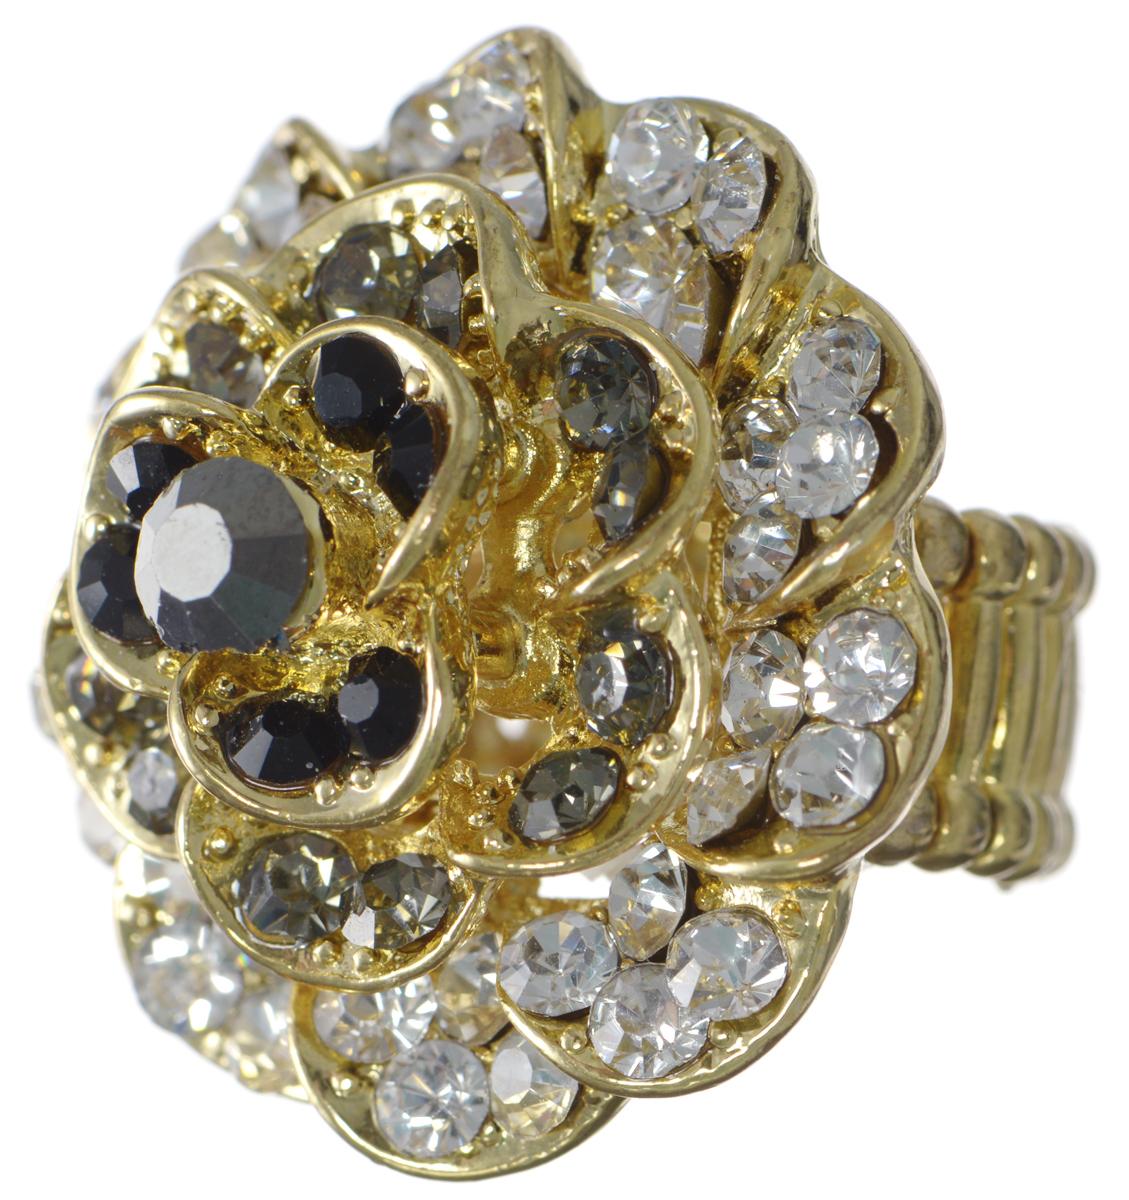 Кольцо Taya, цвет: золотой, черный, белый. T-B-7319Коктейльное кольцоКольцо современного дизайна Taya выполнено из металлического сплава и дополнено оригинальным декоративным элементом в виде розы.Благодаря эластичной основе изделие легко надевать.Кольцо Taya поможет дополнить любой образ и привнести в него завершающий яркий штрих.